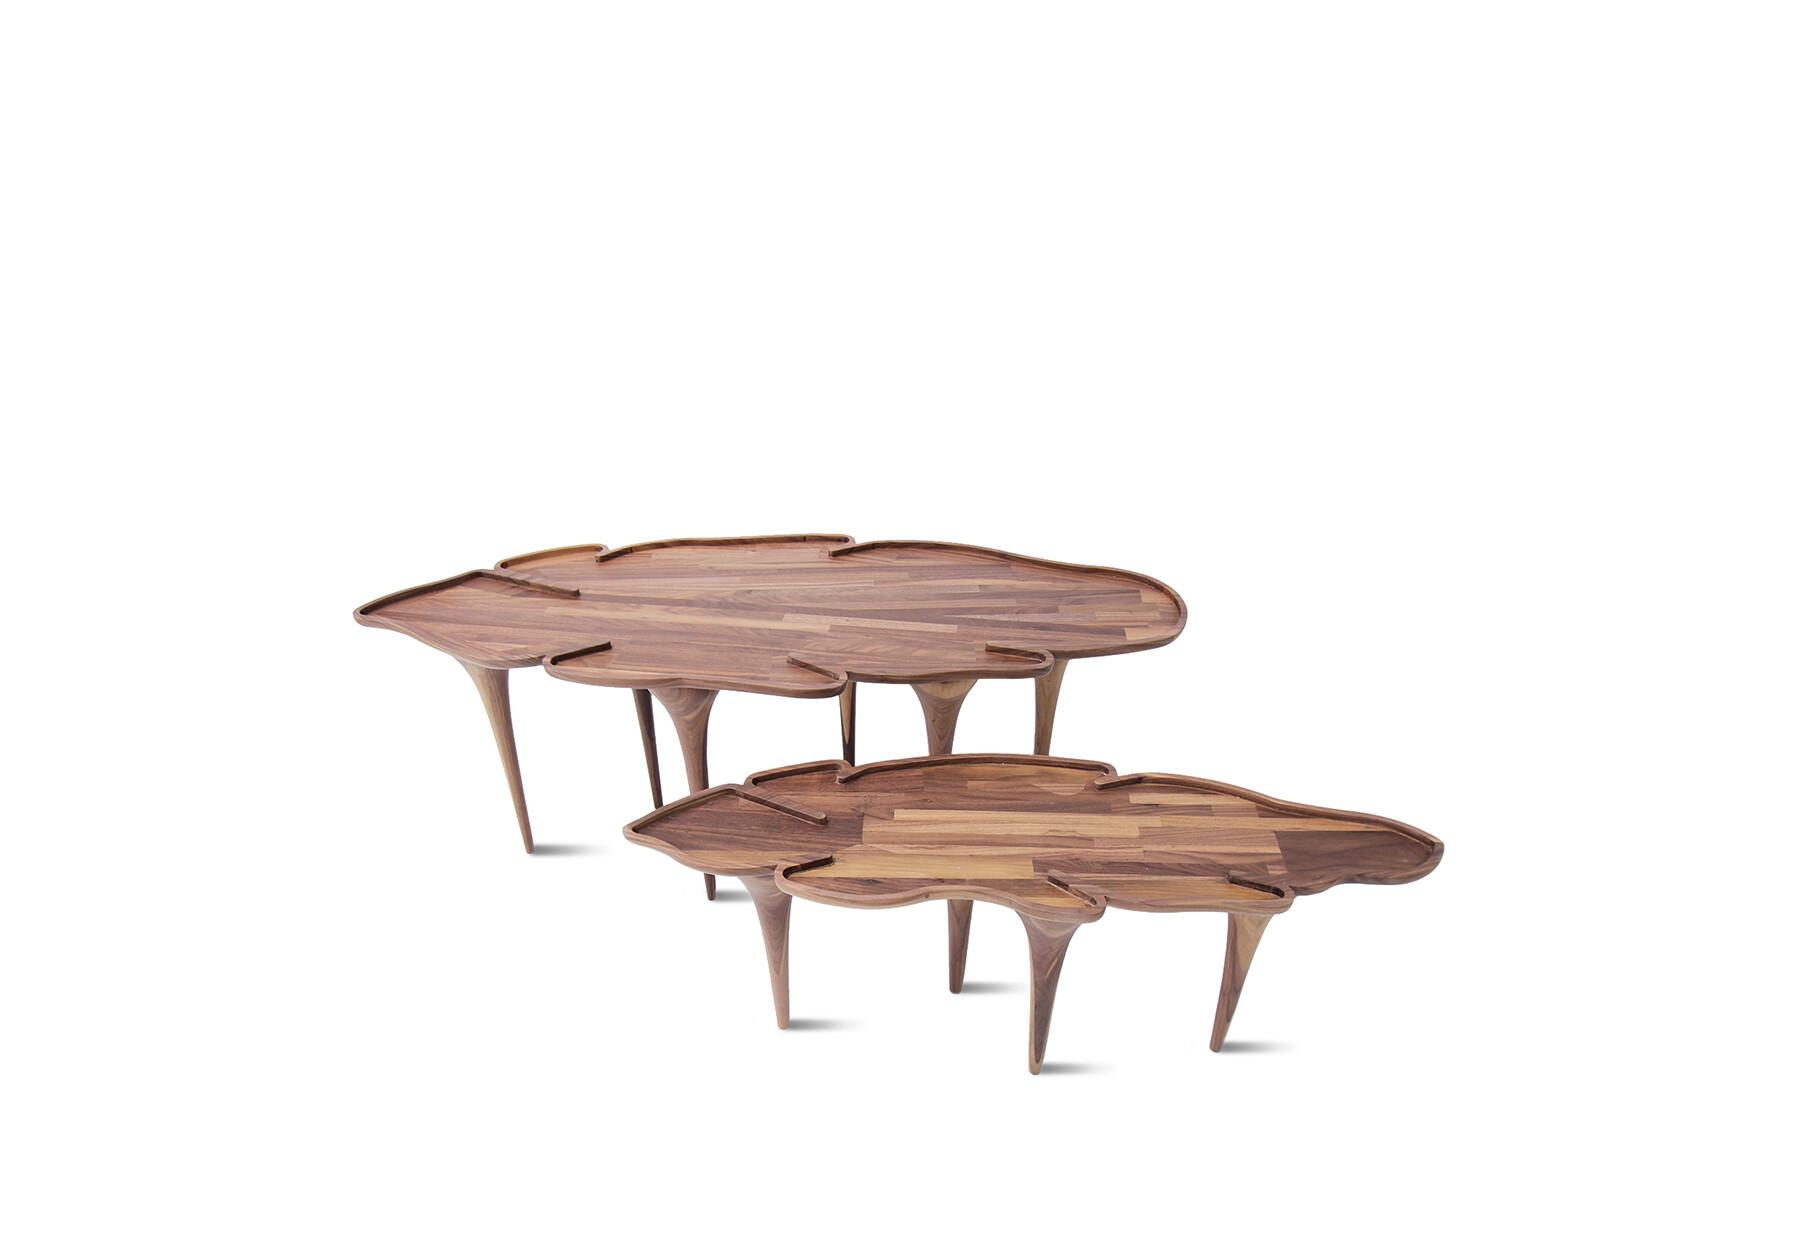 110_32 - KOROWAI COFFE TABLE site